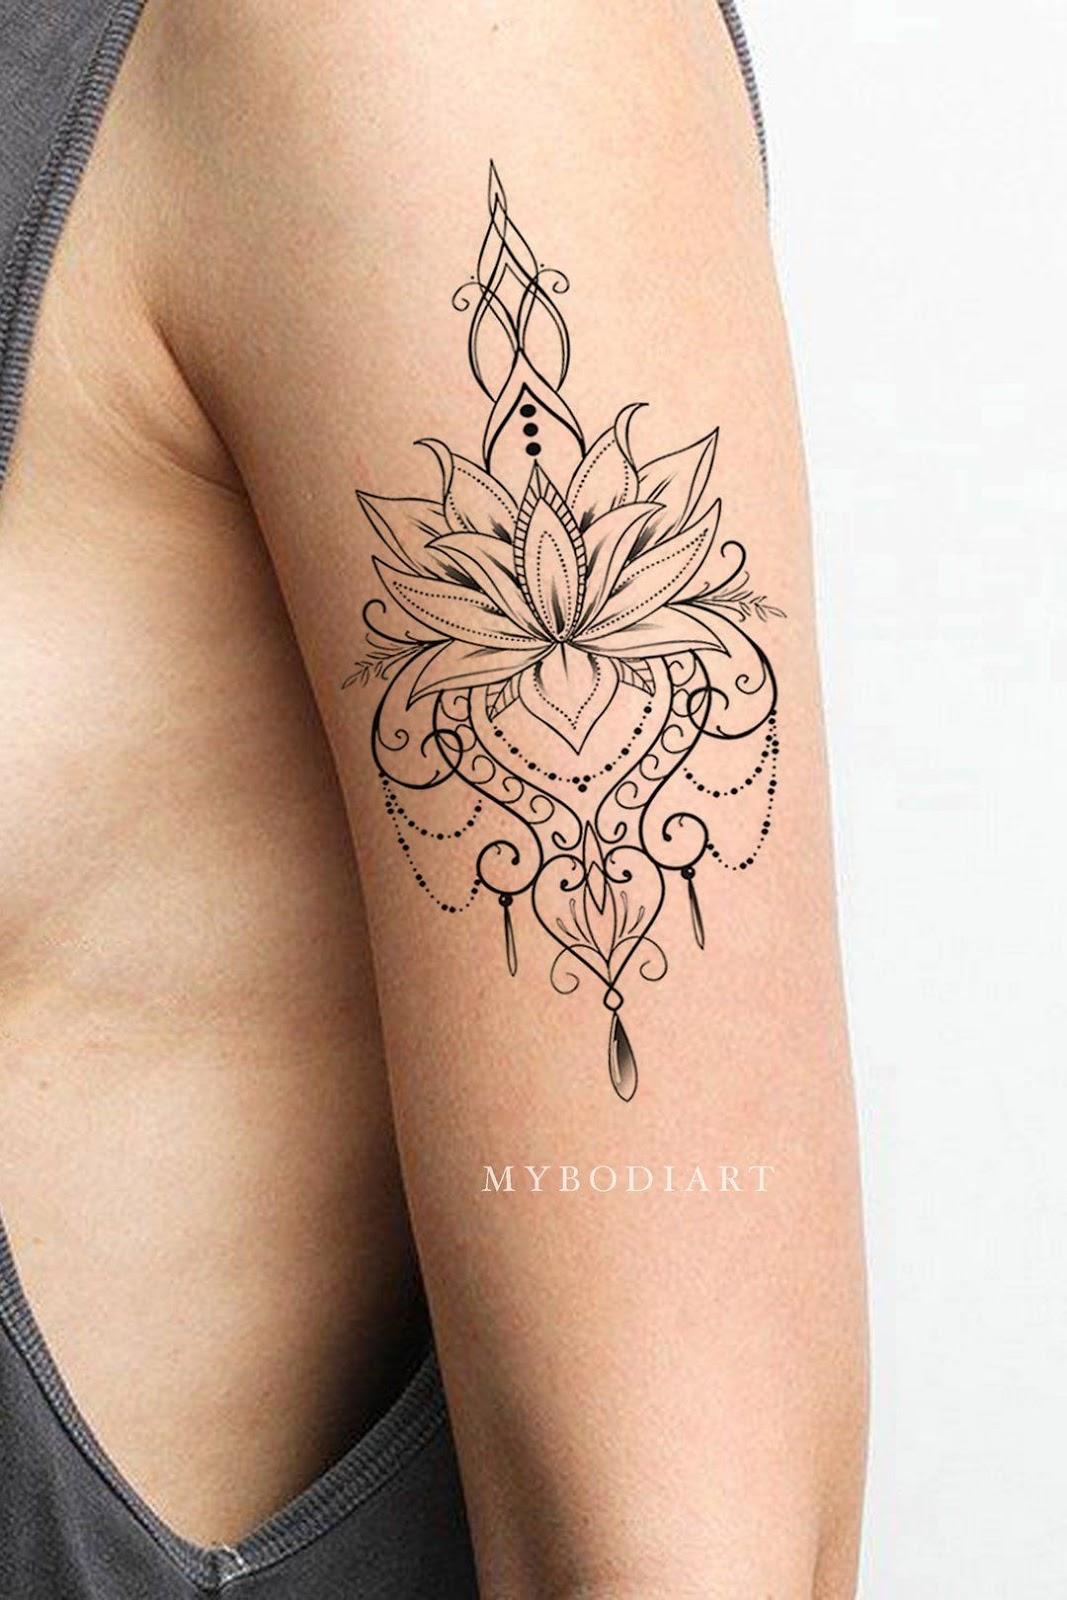 Spiritual Awakening Tattoos Symbol Sign (52)